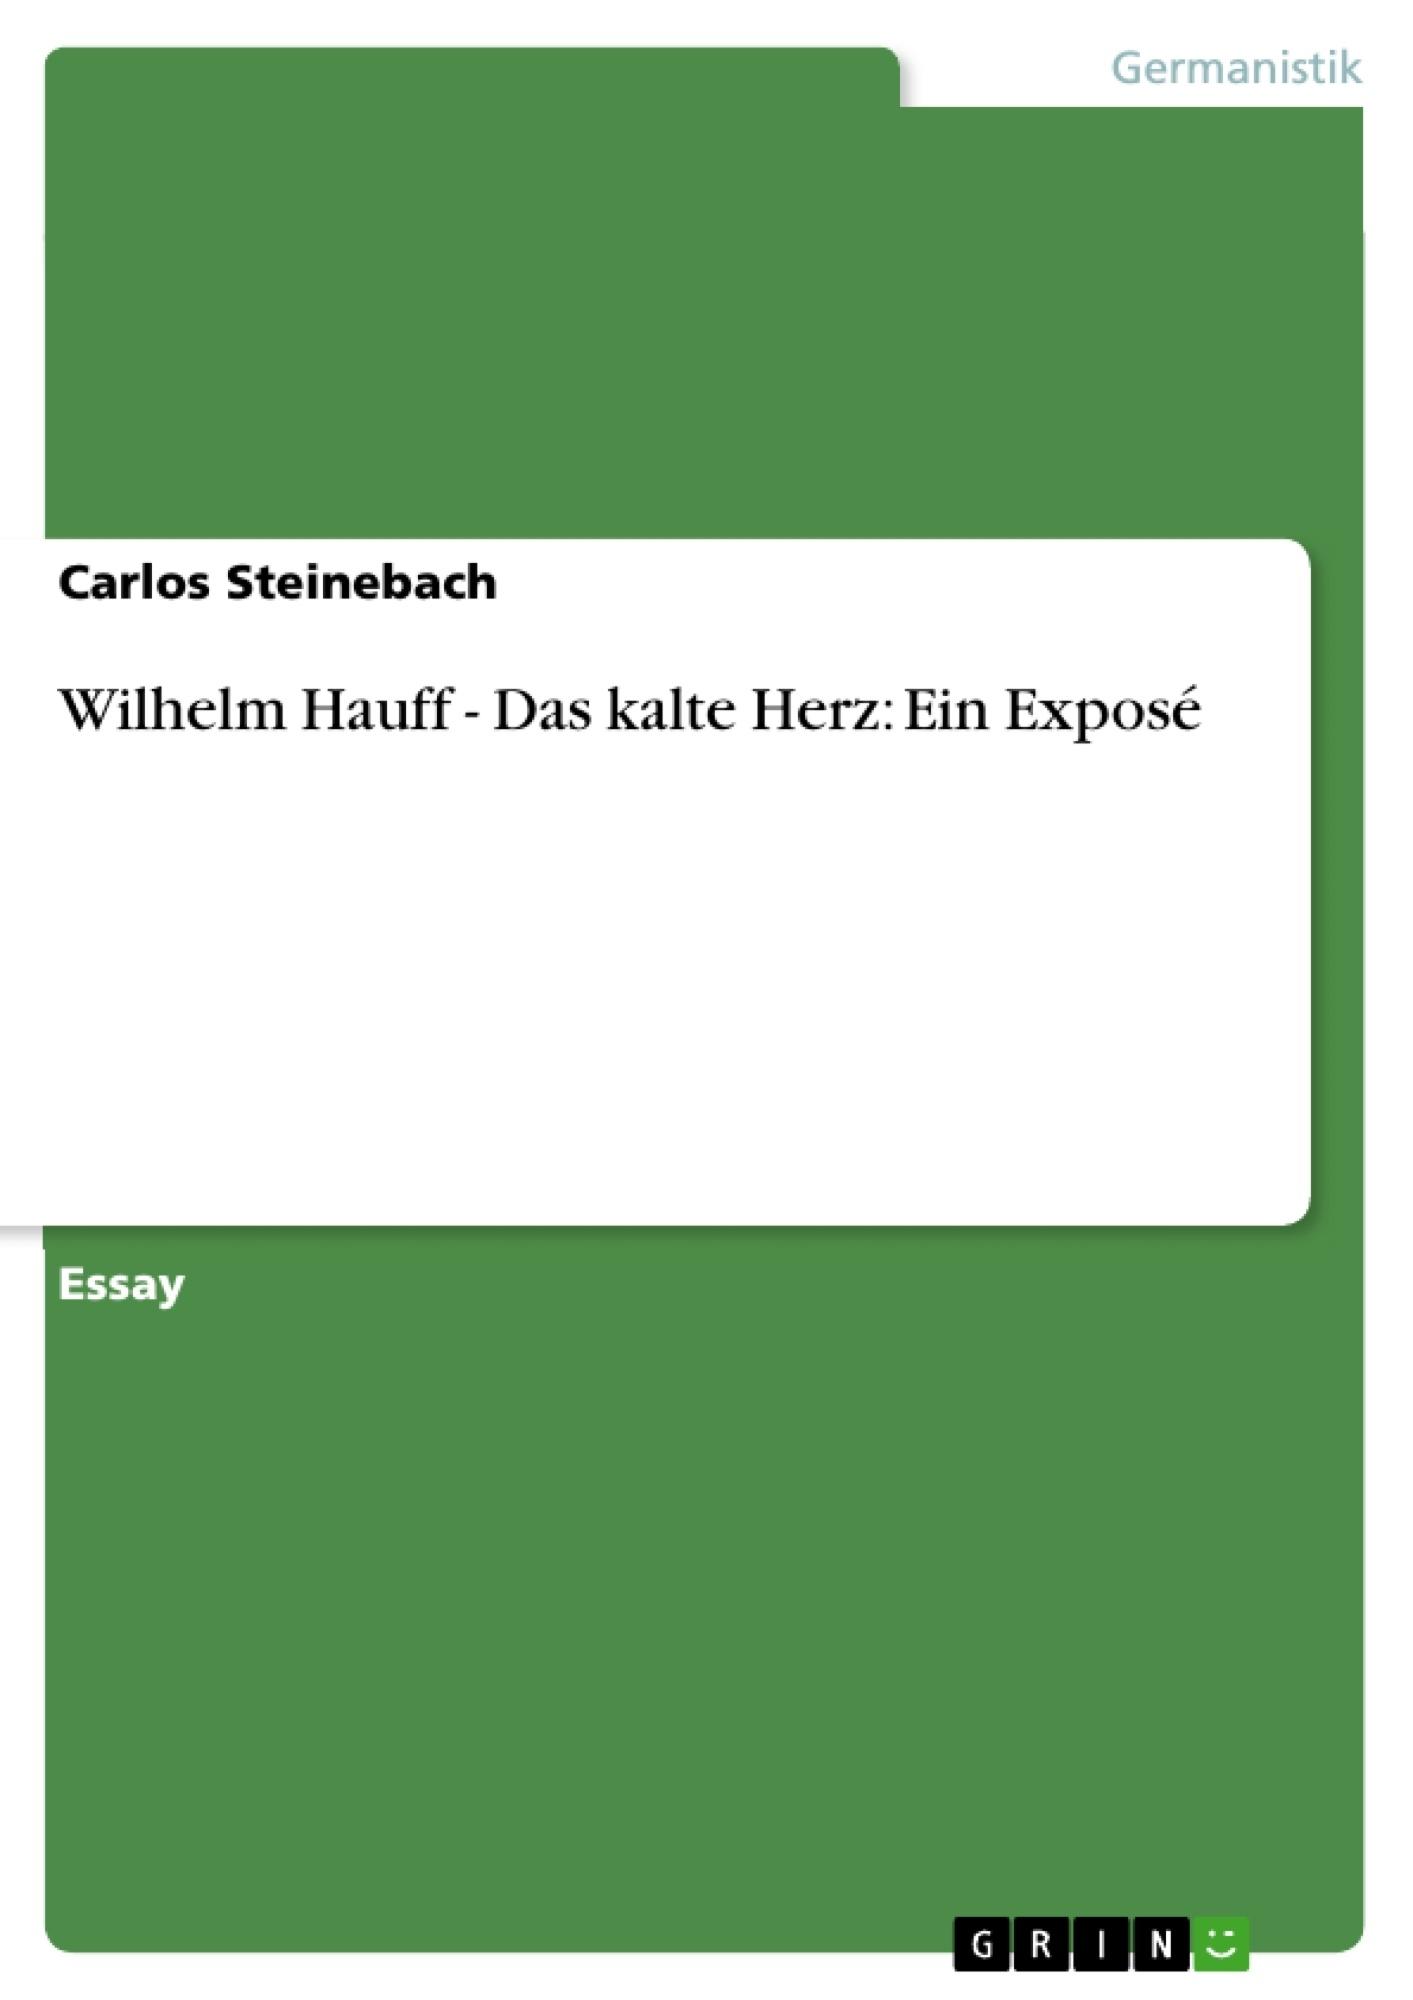 Titel: Wilhelm Hauff - Das kalte Herz: Ein Exposé